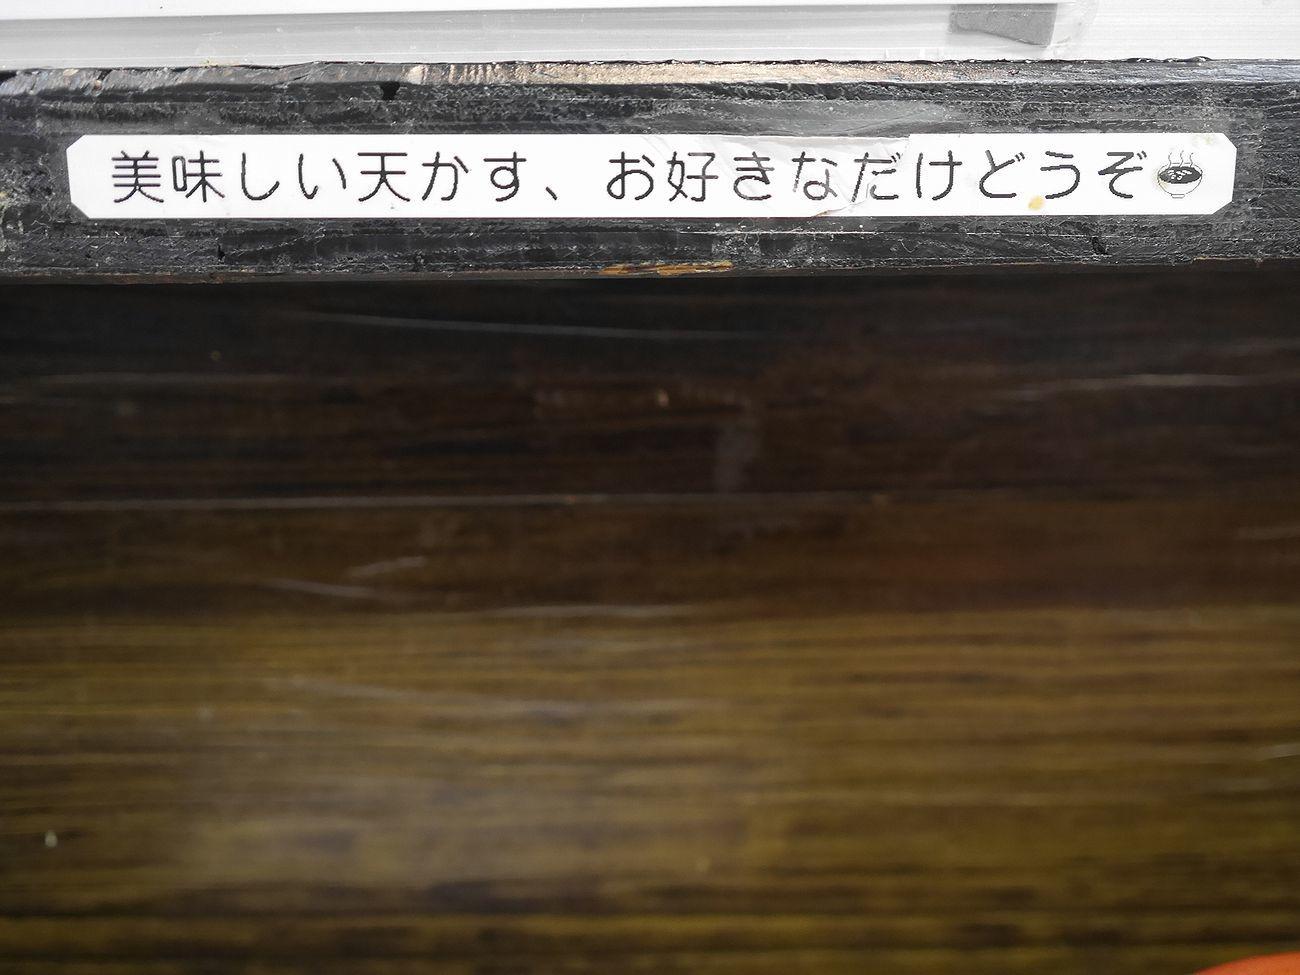 _1290246.jpg